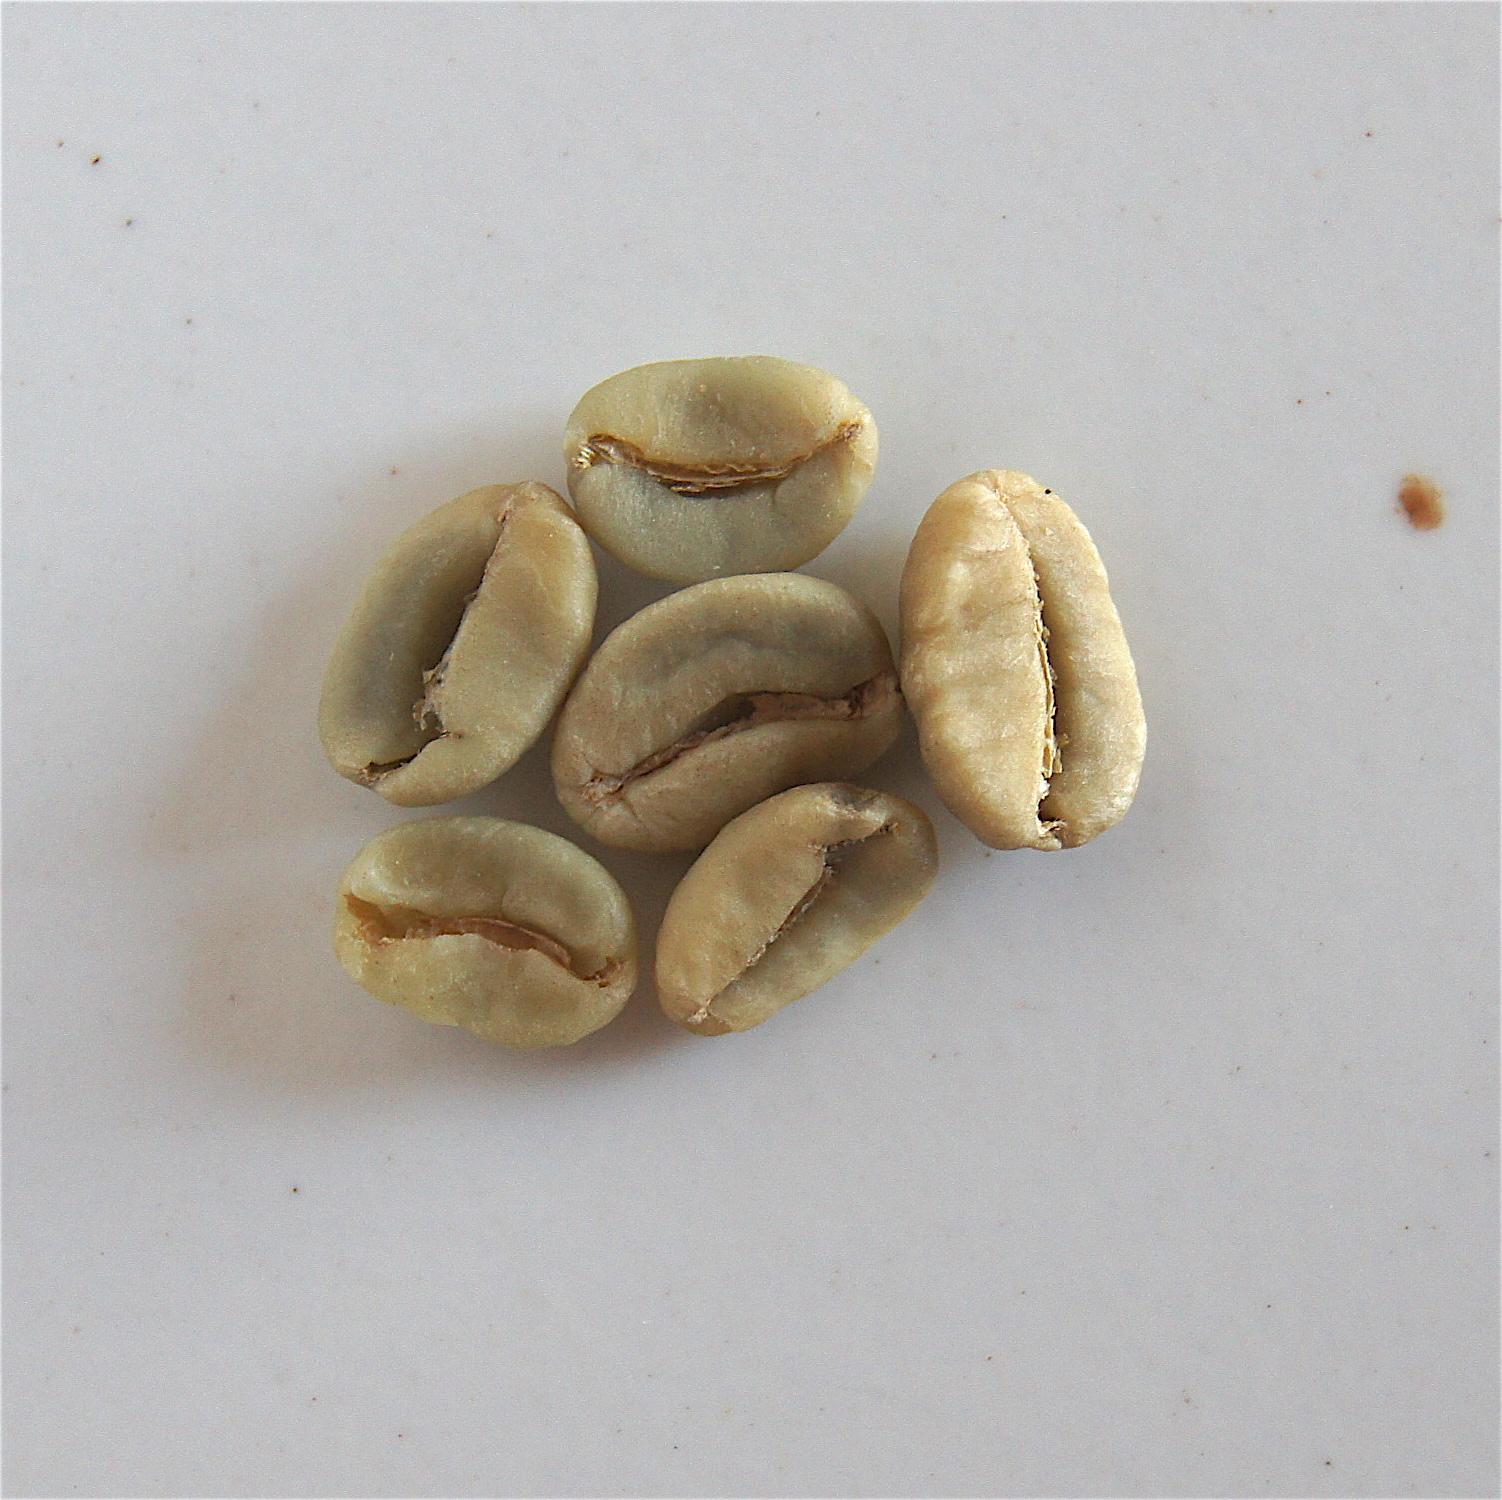 Grains jaunâtres/blanchâtres - grains mal séchés et attaqués par une bactérie durant le stockage ou le transport